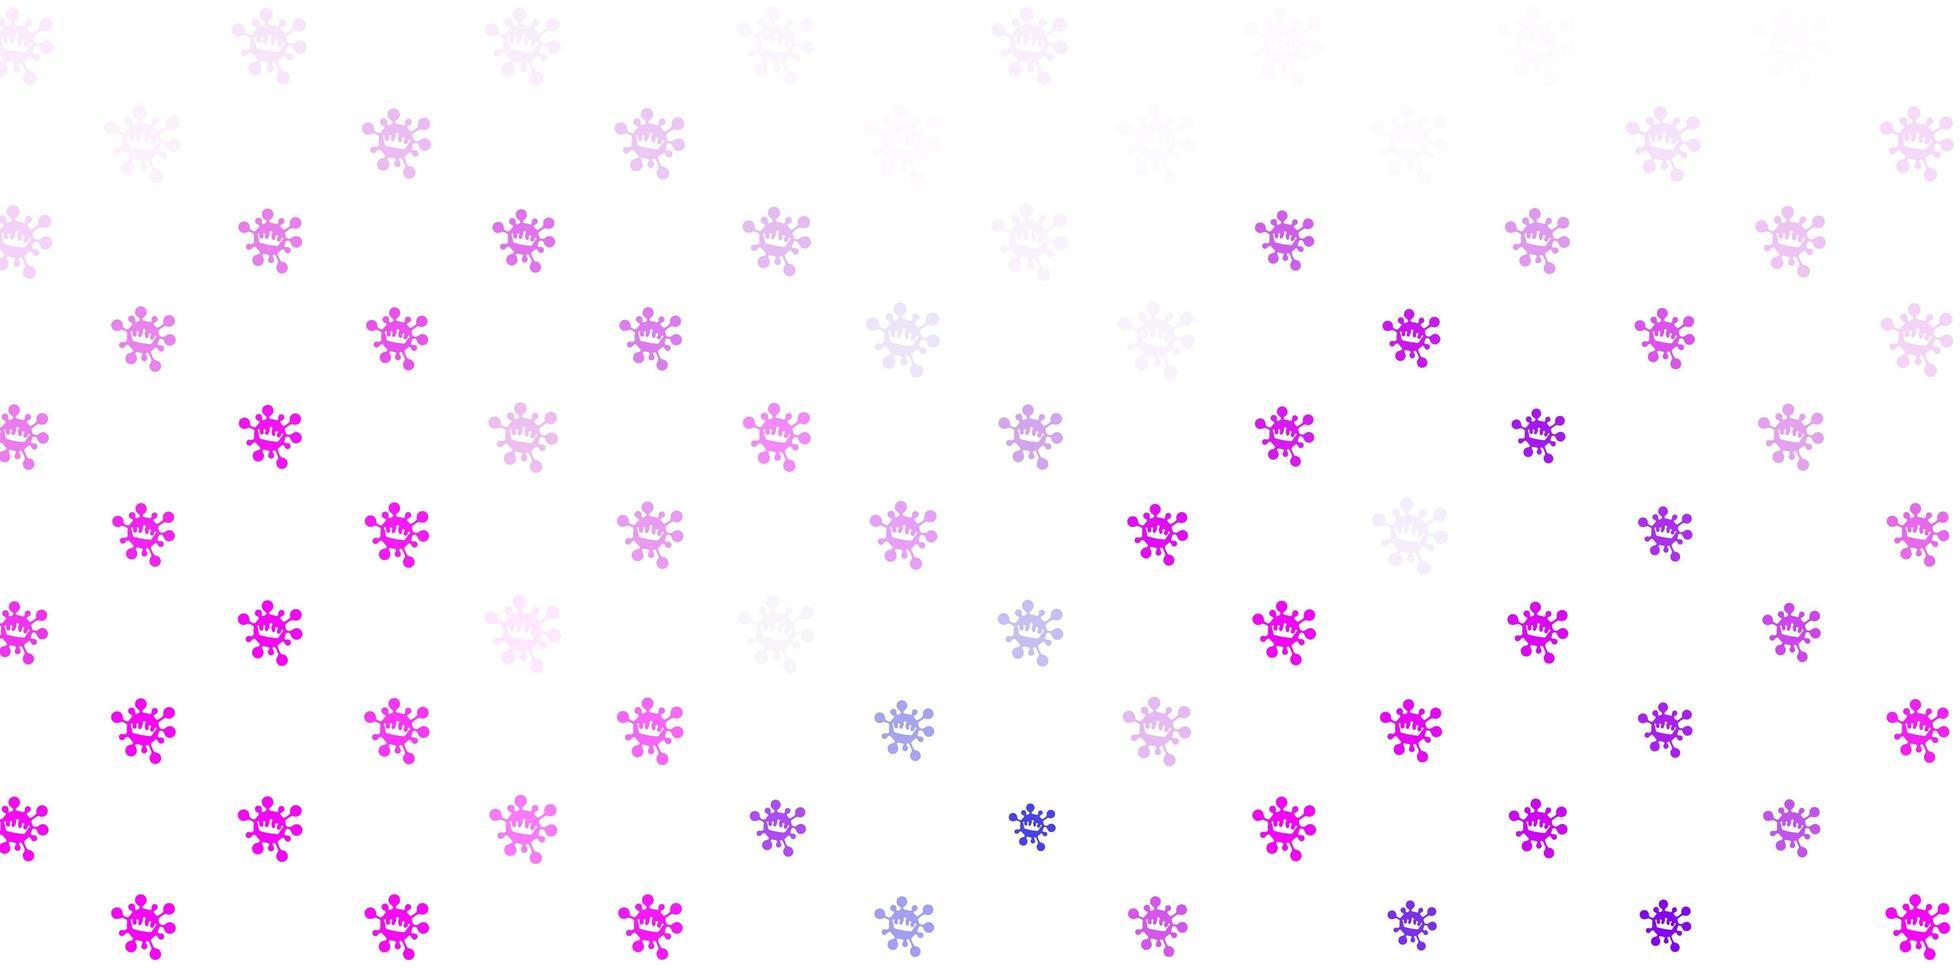 hellrosa, blauer Vektorhintergrund mit Virensymbolen. vektor